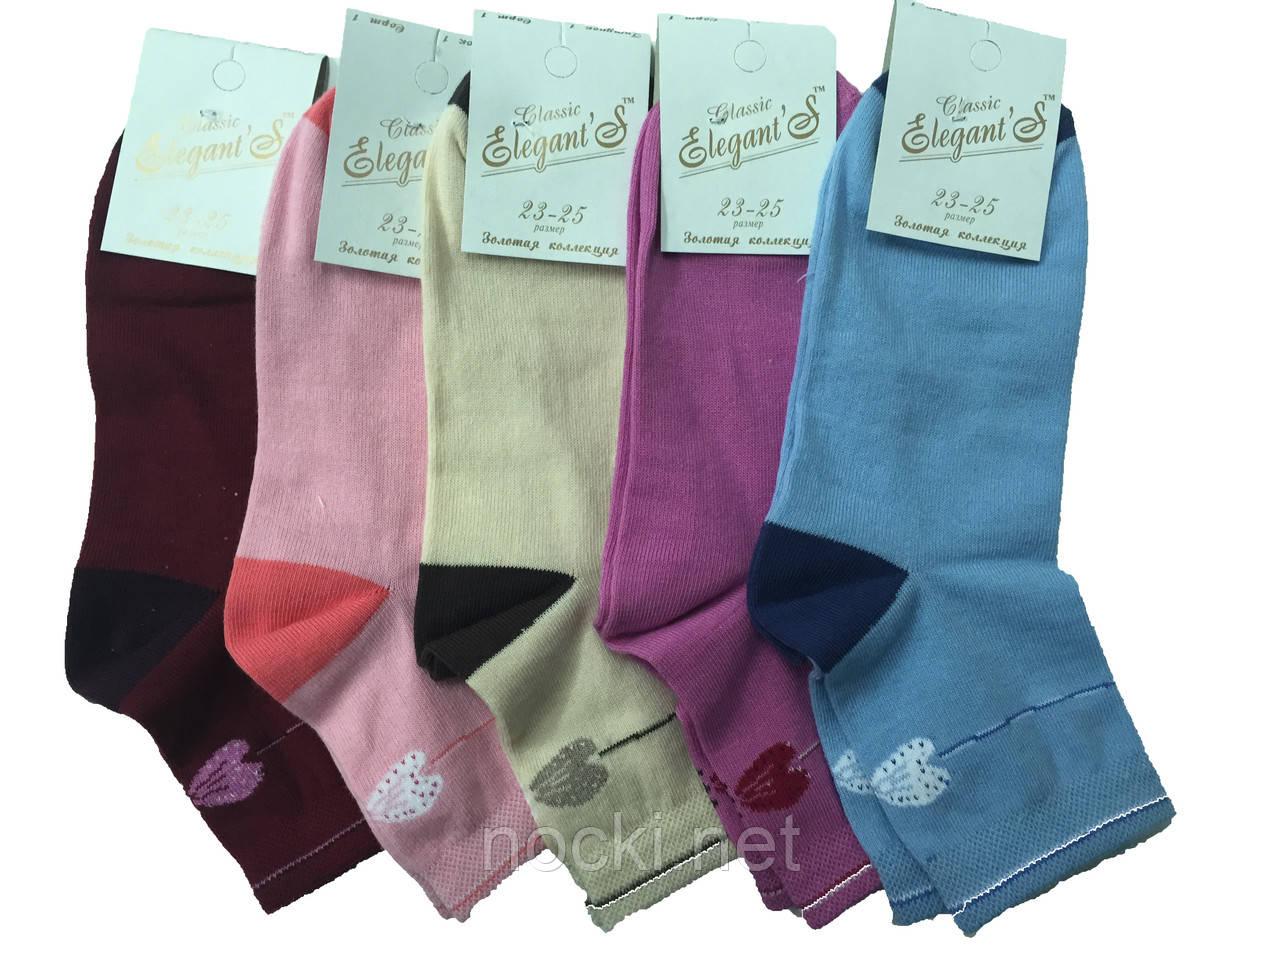 Шкарпетки жіночі демісезонні середньої висоти Елегант пр-во Рубіжне